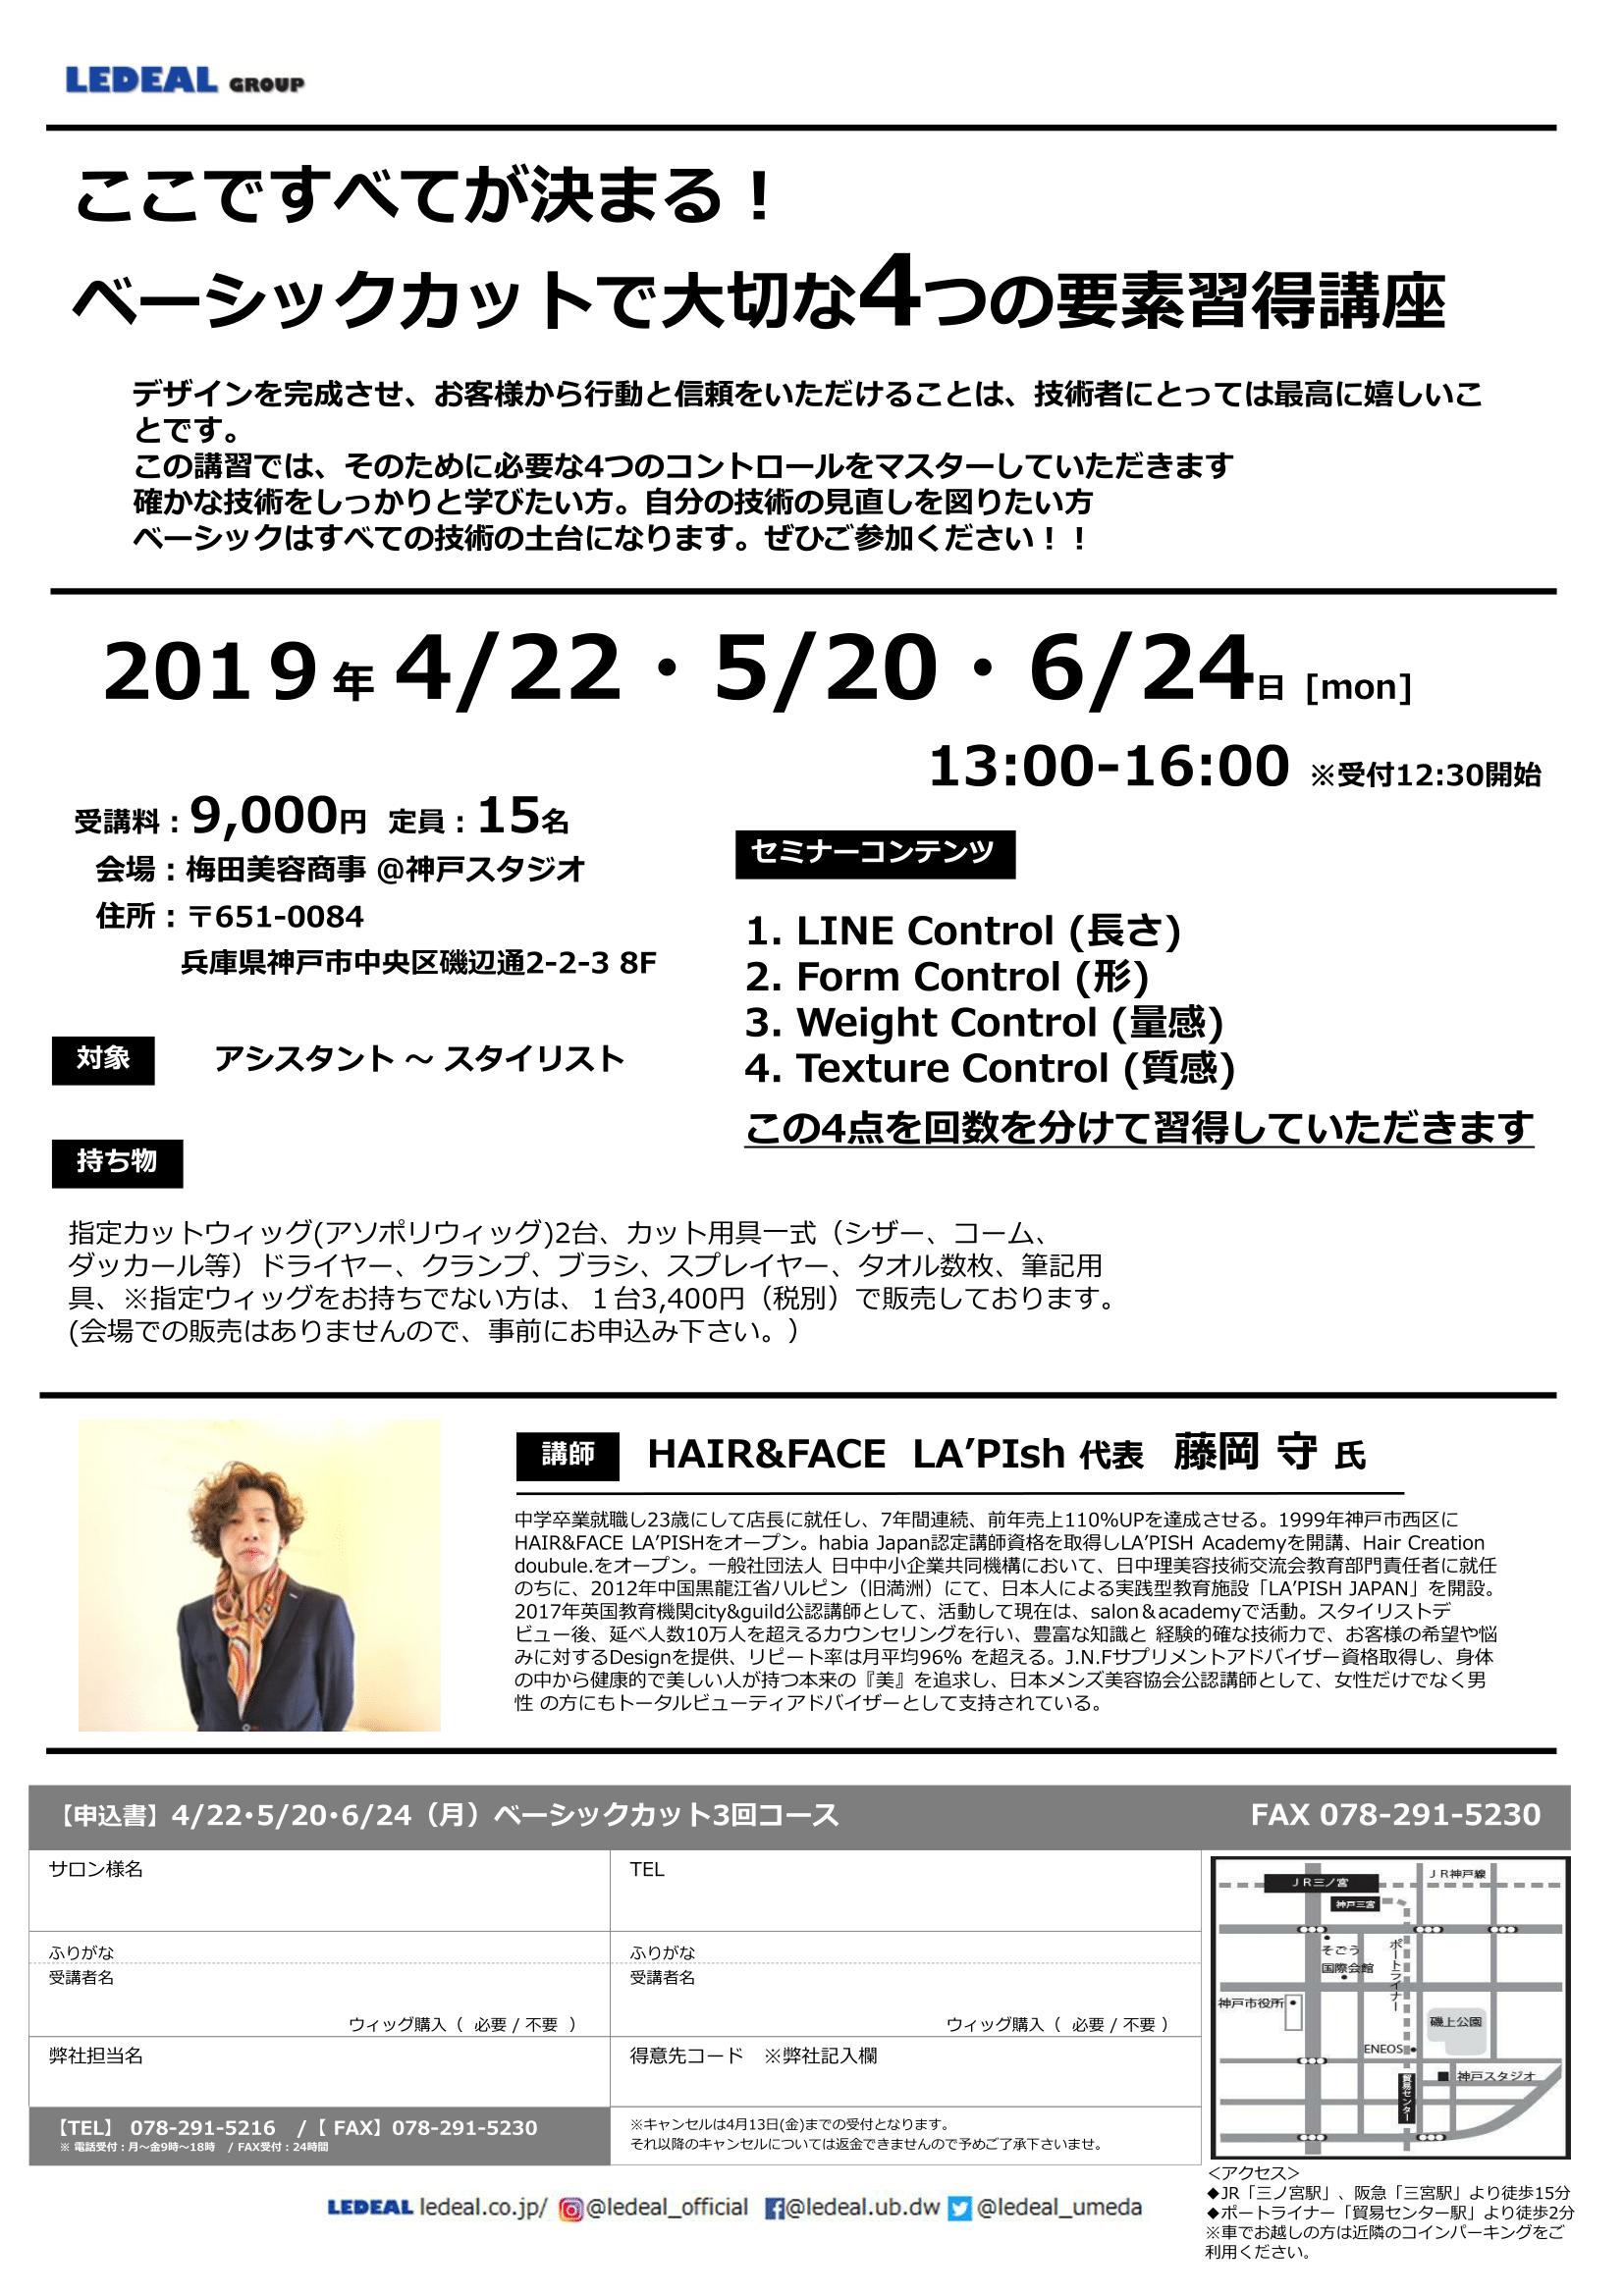 【神戸】ベーシックカット 3回コース